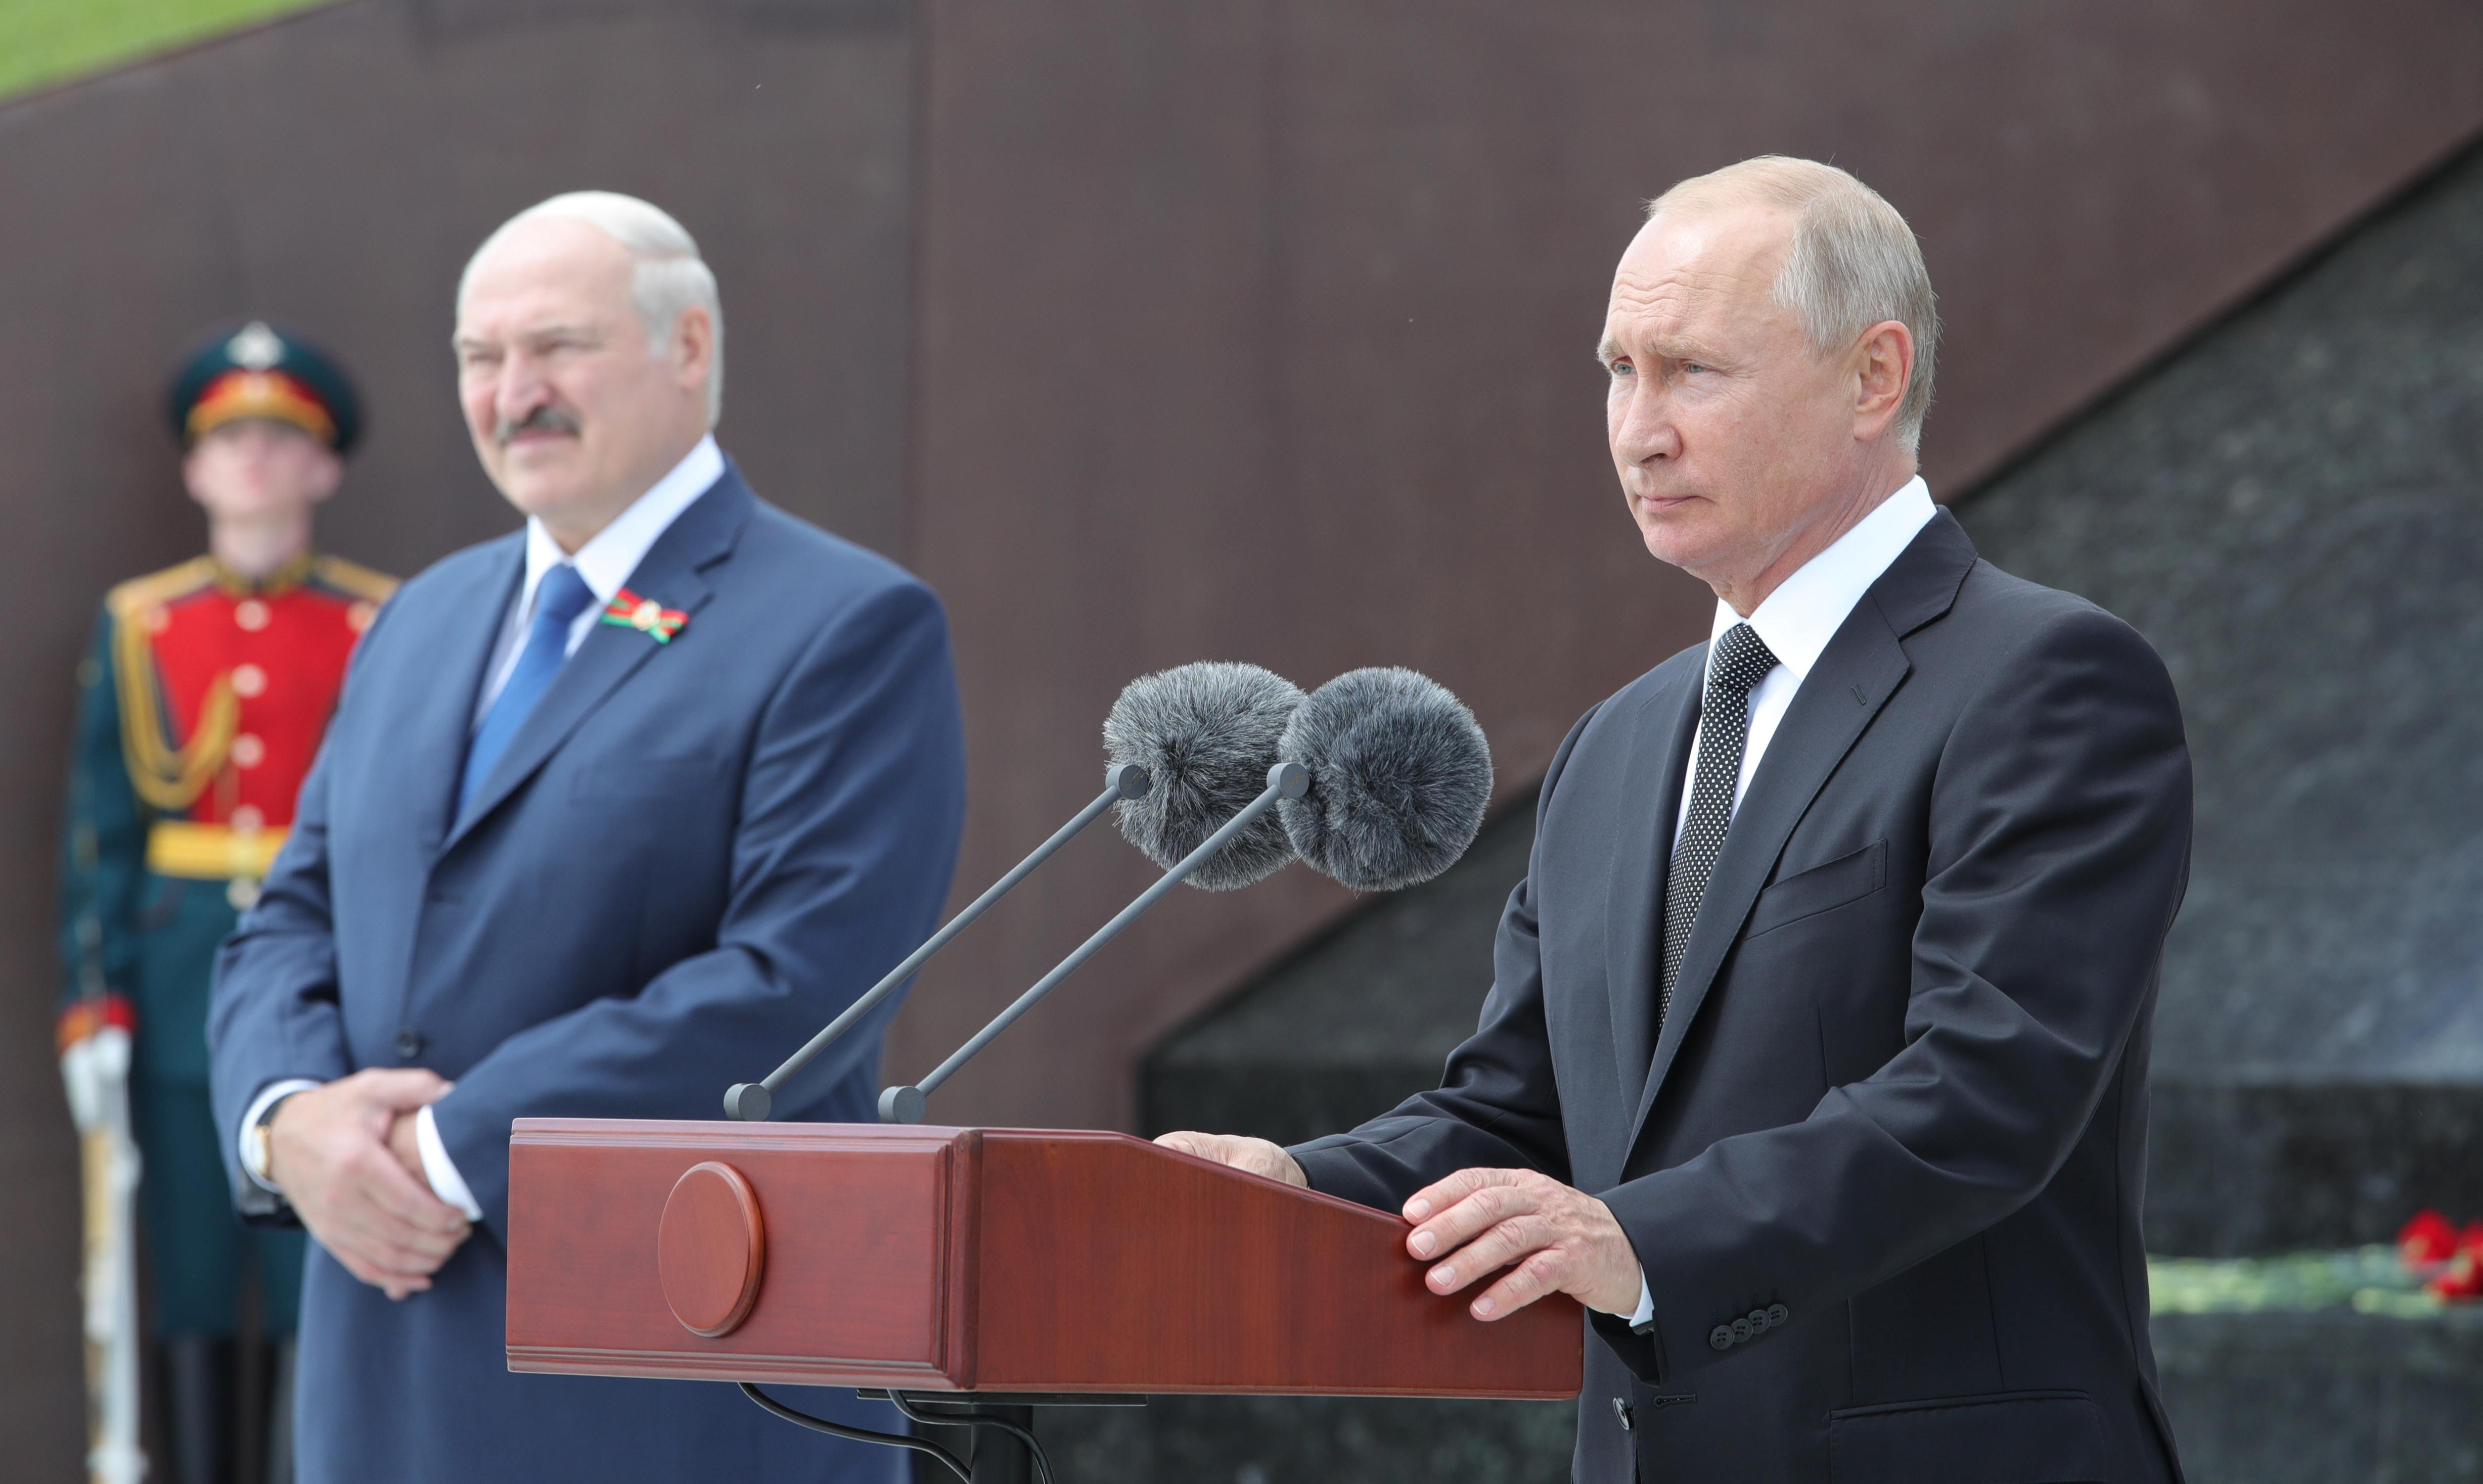 Белоруссия возобновила обсуждение интеграции с Россией